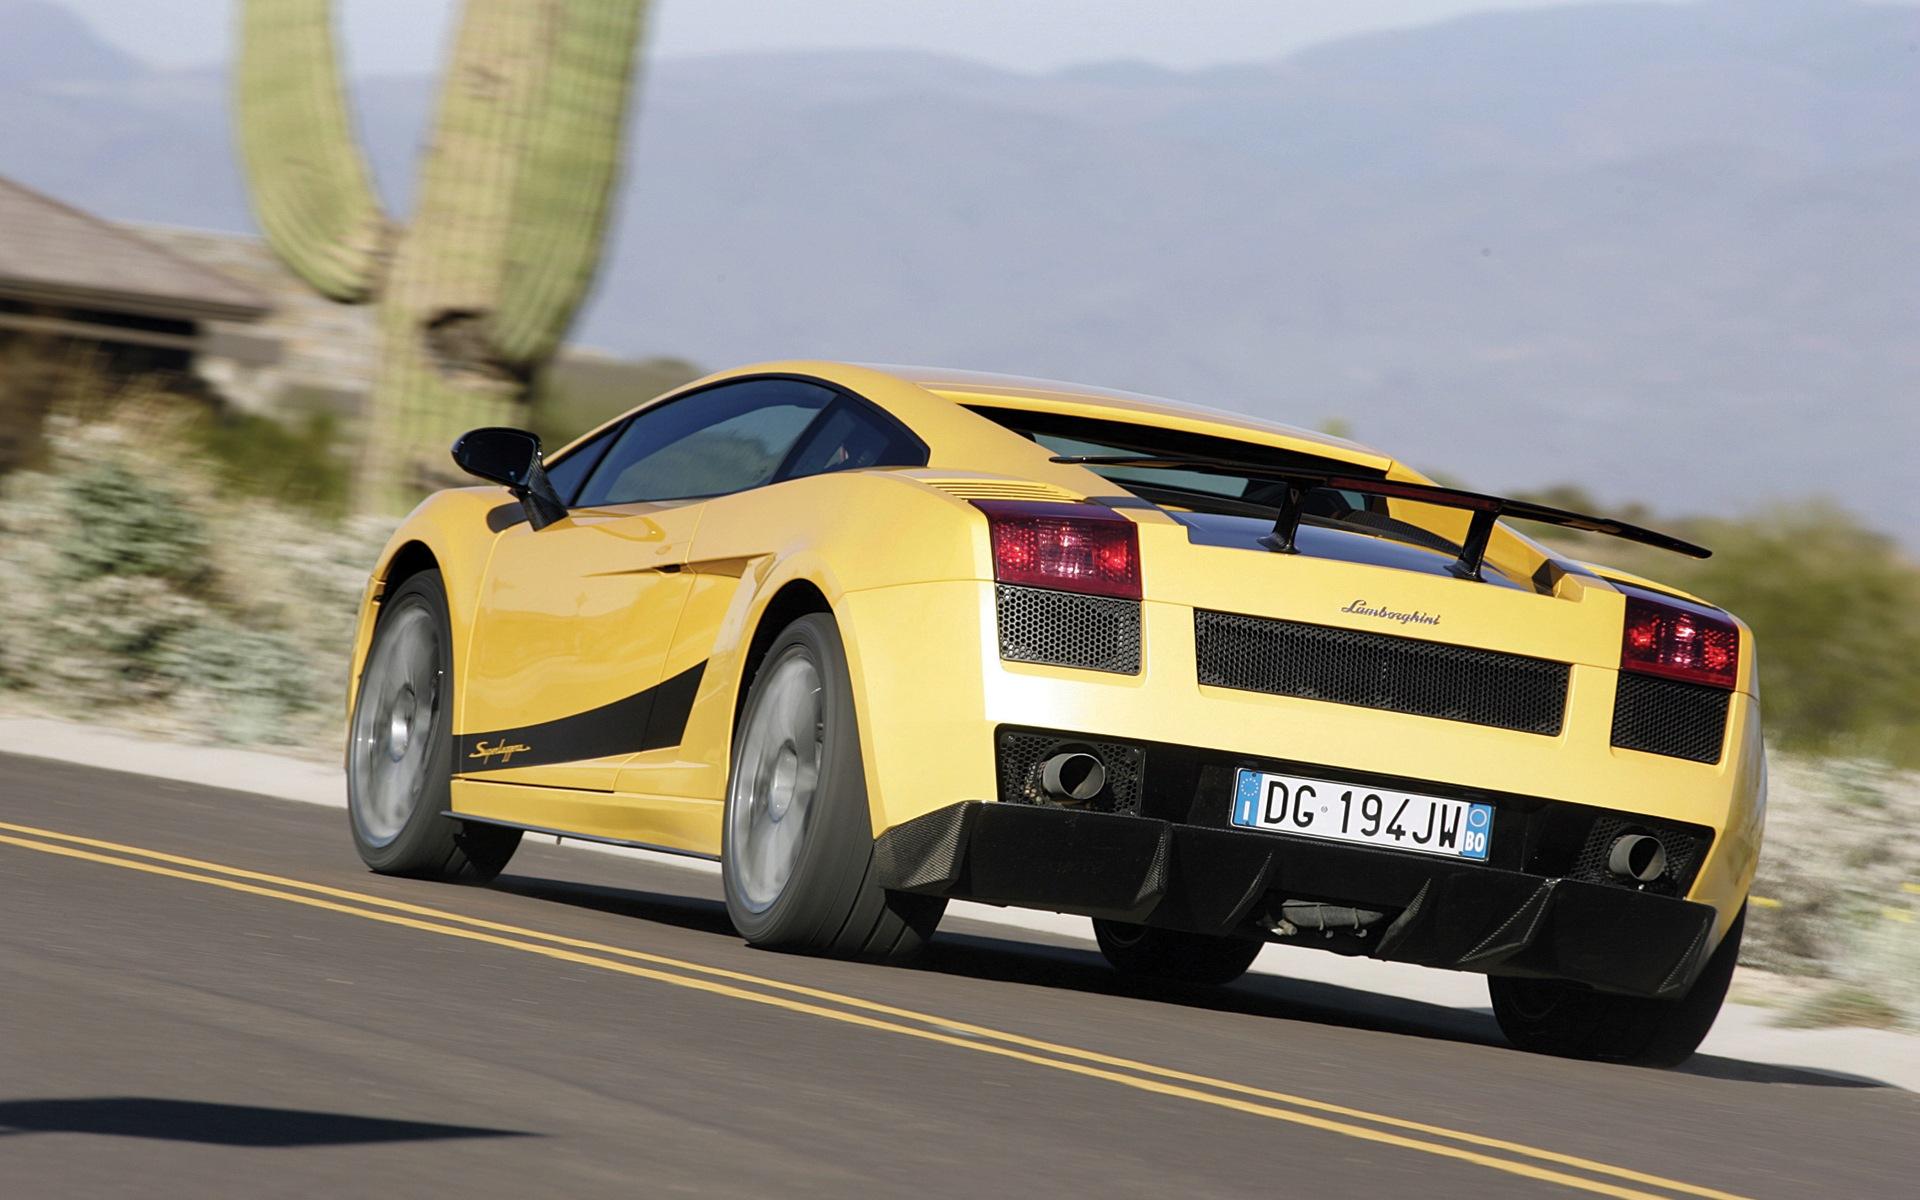 Lamborghini Screensavers Cars Car Desktop wallpapers HD   125851 1920x1200